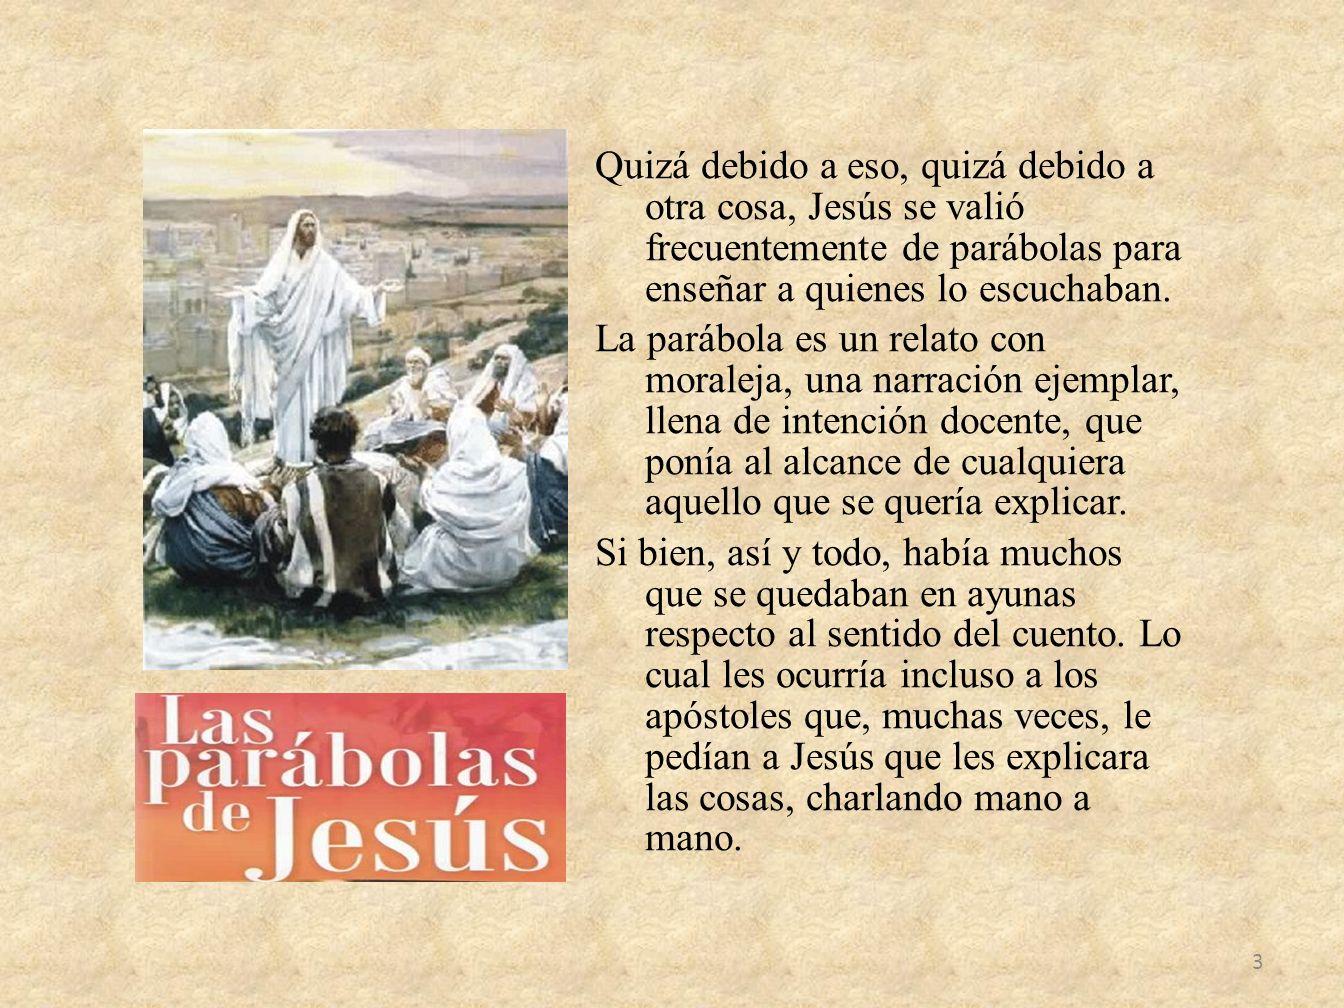 A continuación explicaré algunas de las parábolas empleadas por Jesús, que he de aclimatar para insertarlas en nuestra vida cotidiana, tal como entonces se insertaron.